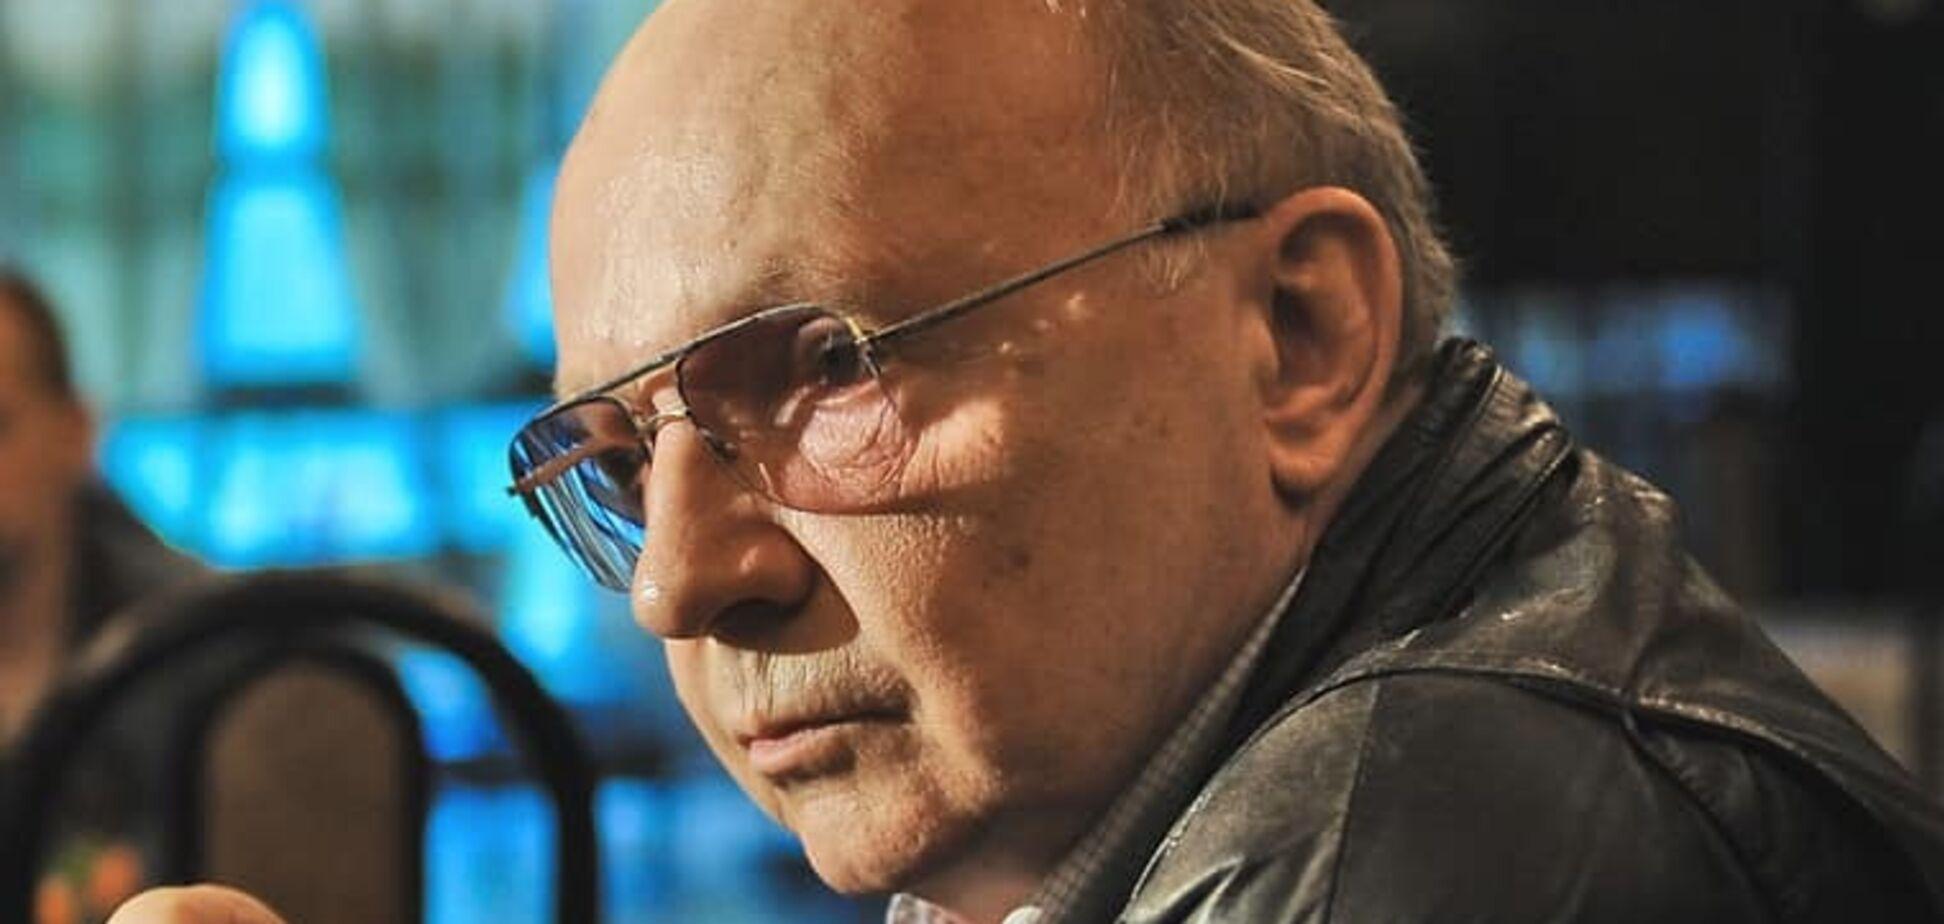 Умер Андрей Мягков: светлая память Актеру